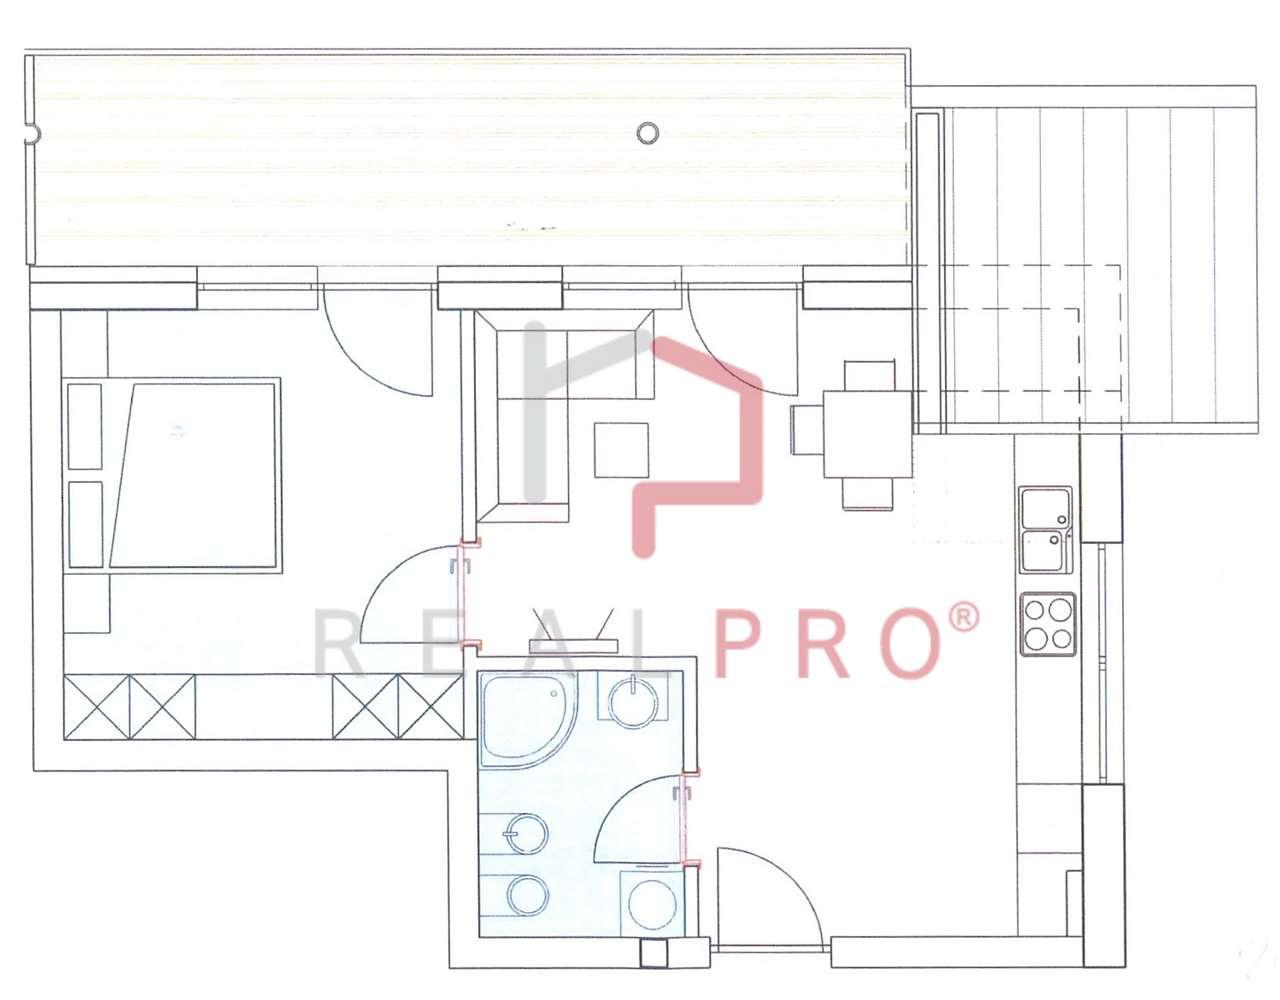 Appartamento in vendita a Villabassa, 2 locali, zona Località: Villabassa, prezzo € 244.000 | CambioCasa.it